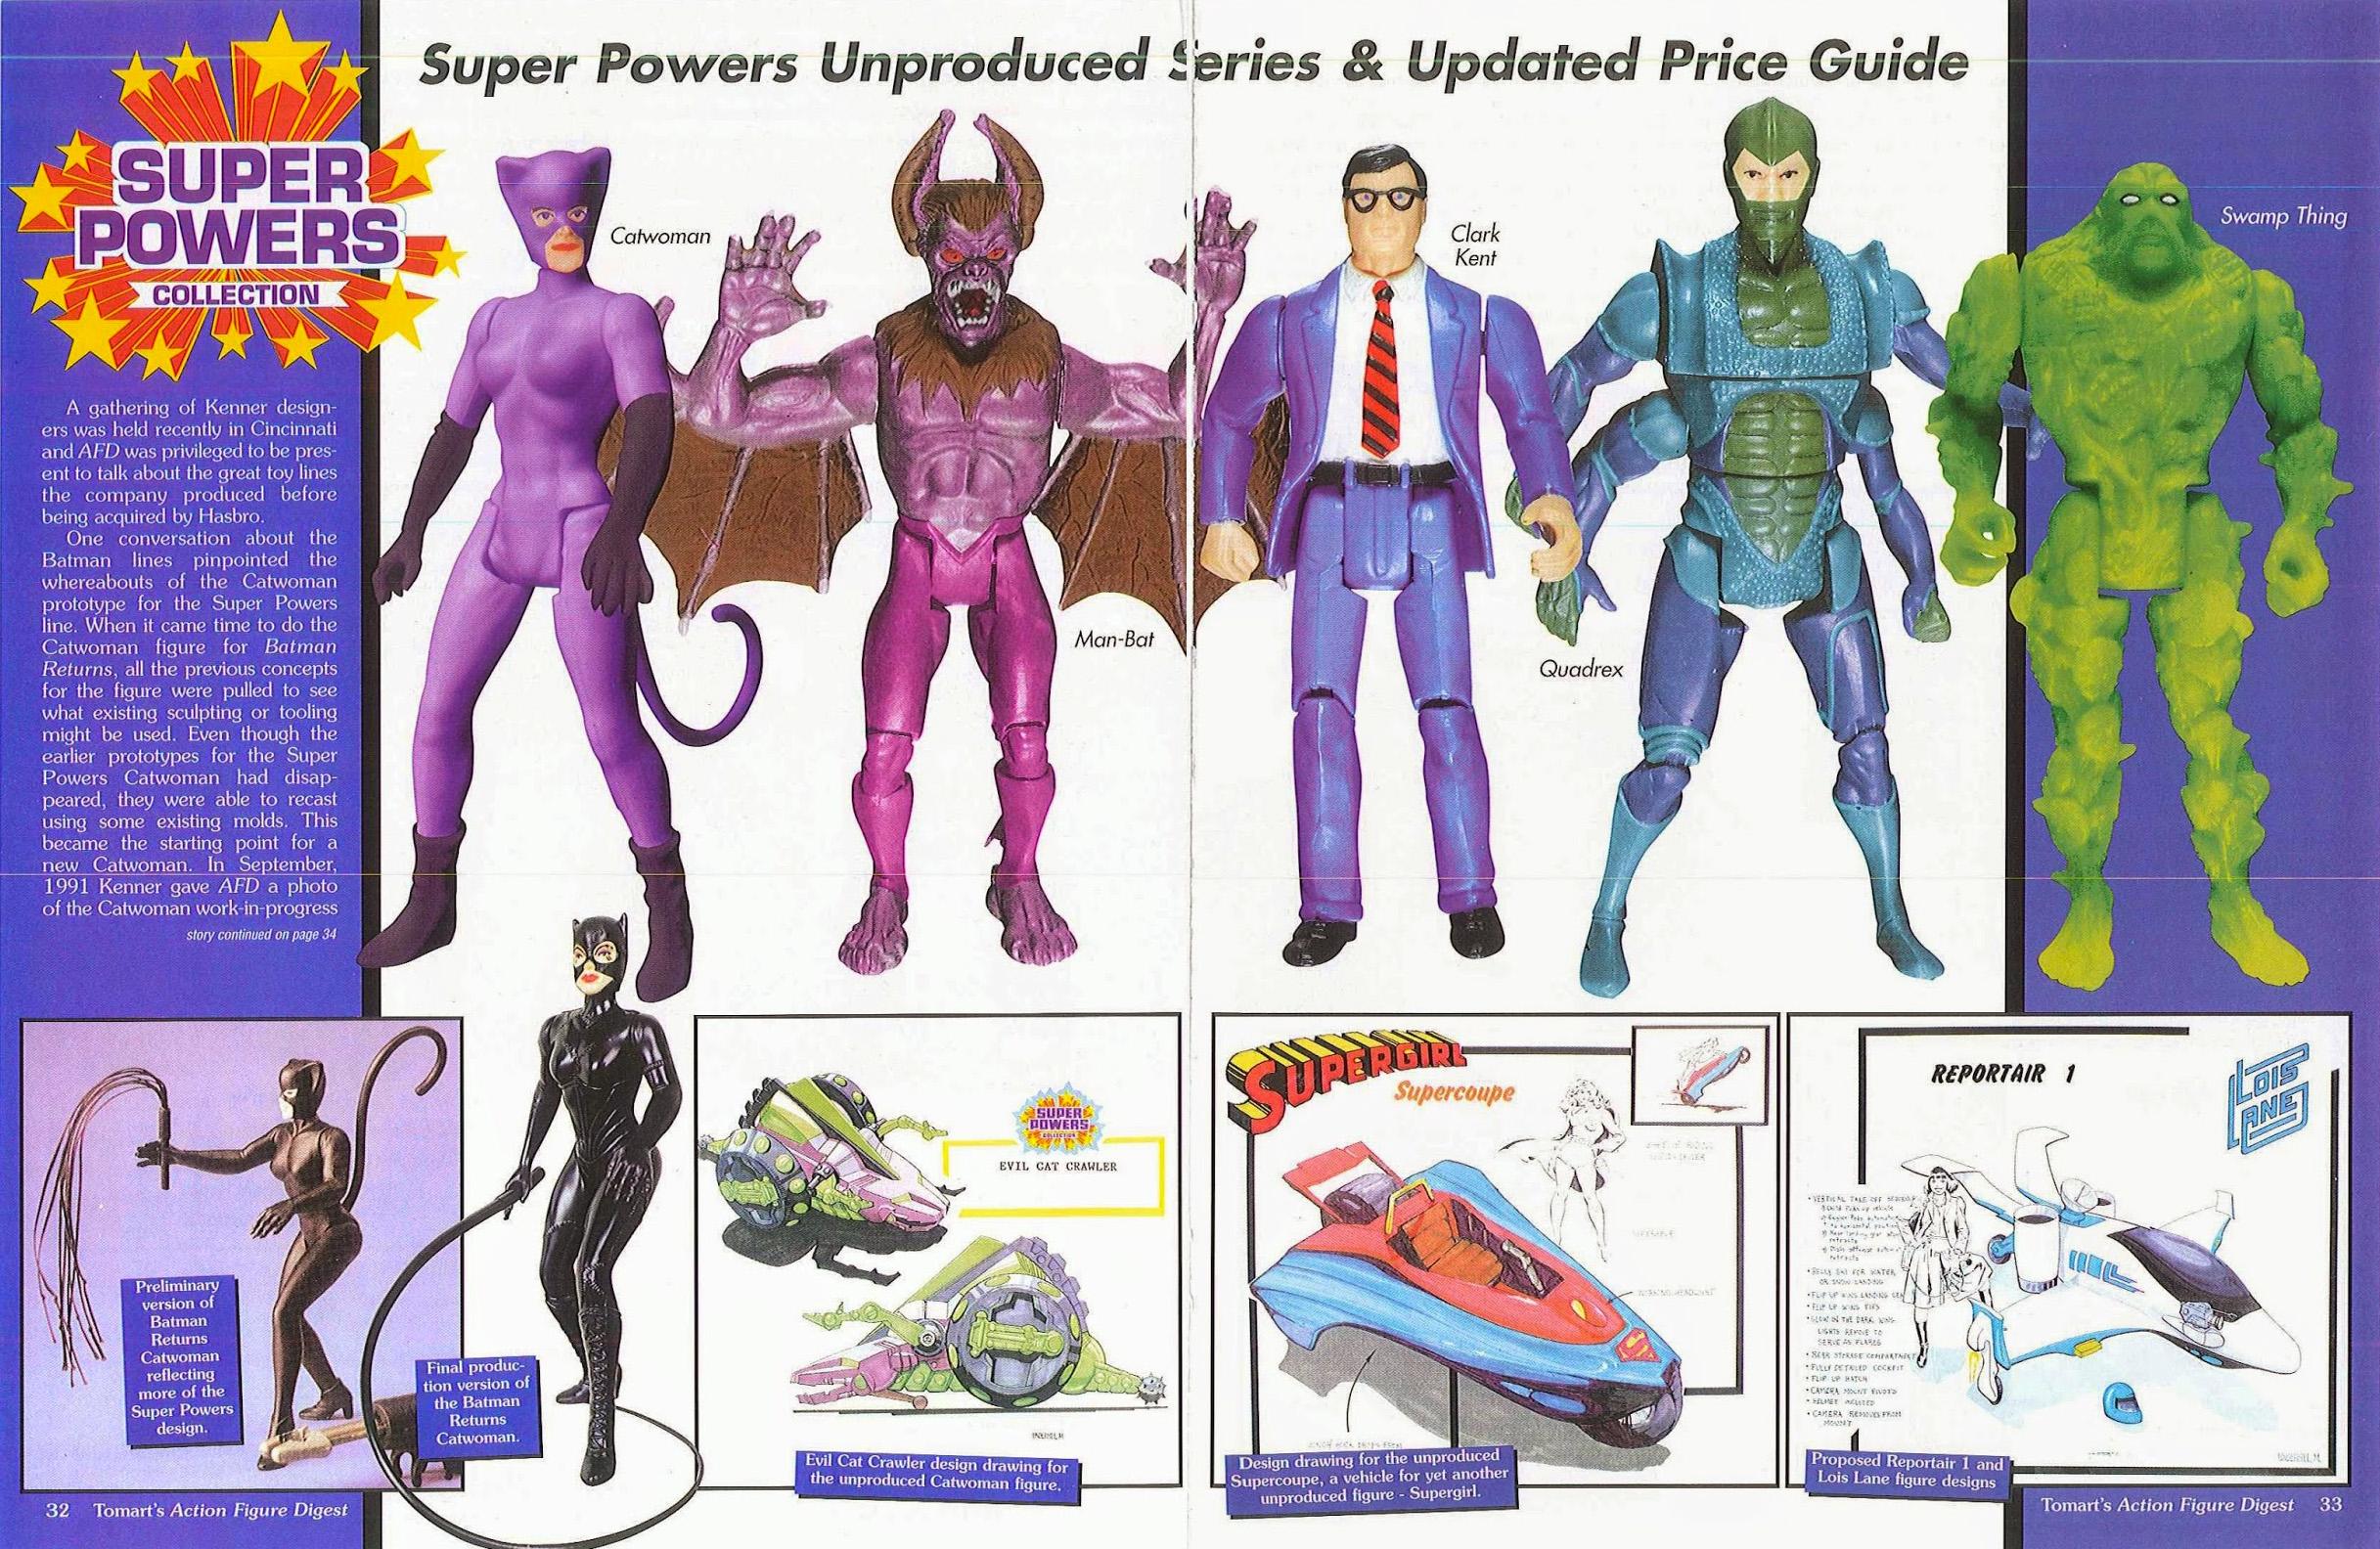 superpowerscollection_1.jpg